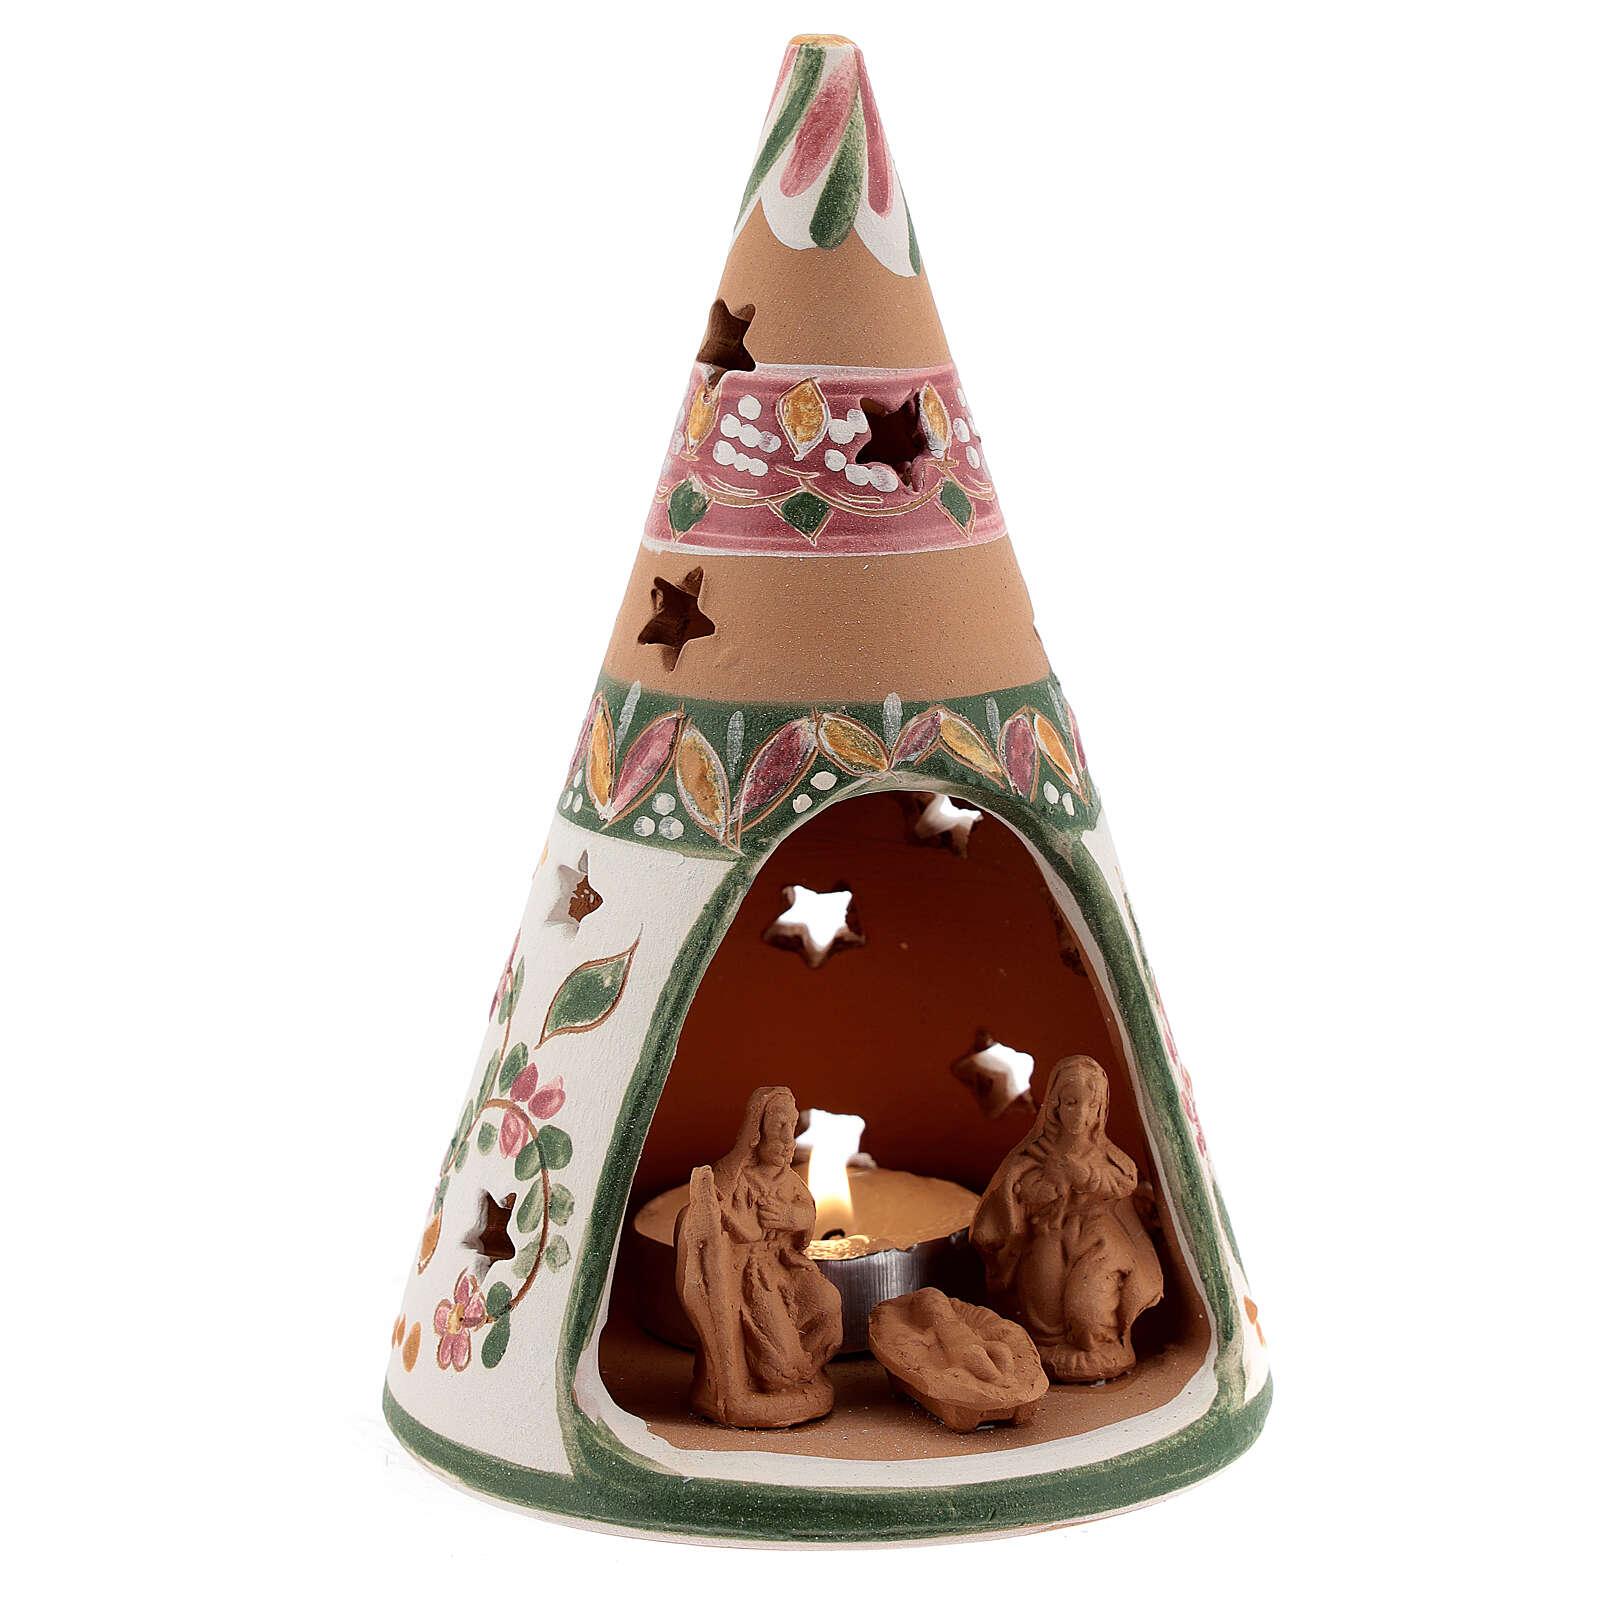 Cono Sacra Famiglia terracotta naturale lumino Deruta 15 cm decori rosa 4